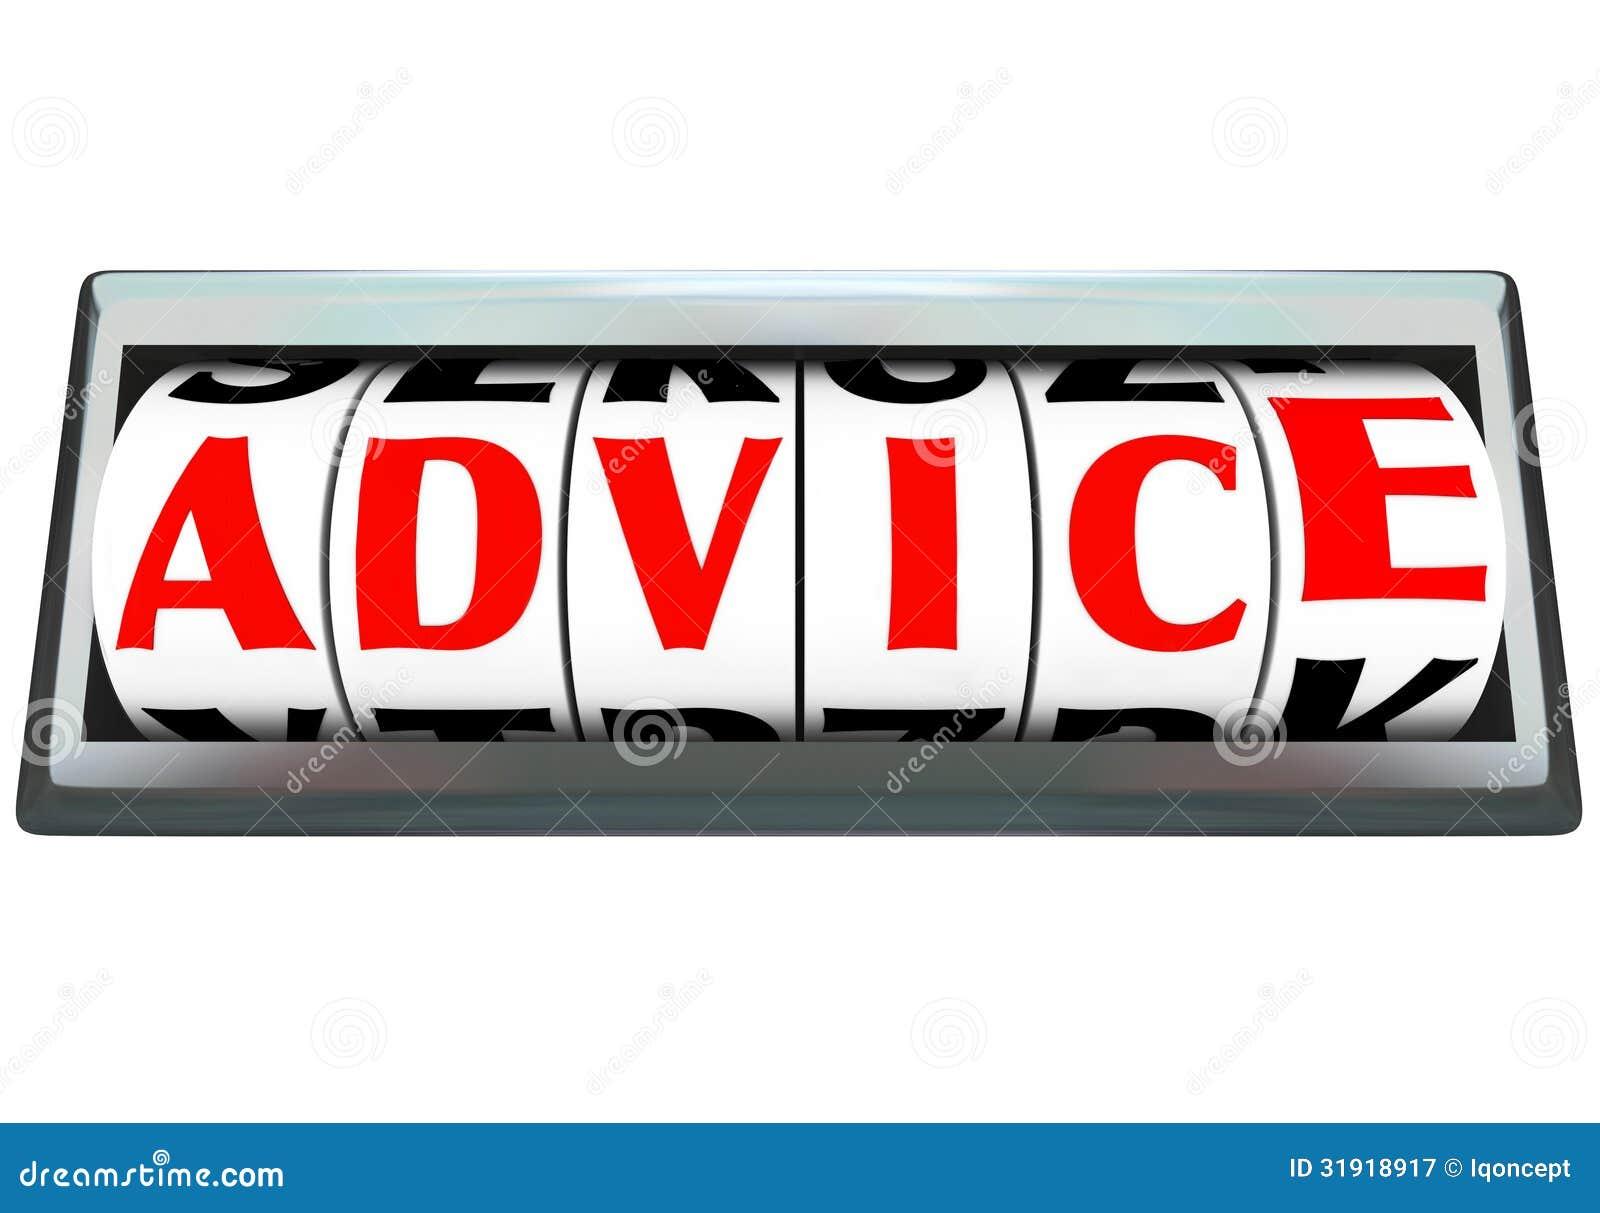 在测路器帮助指示顾问的忠告词